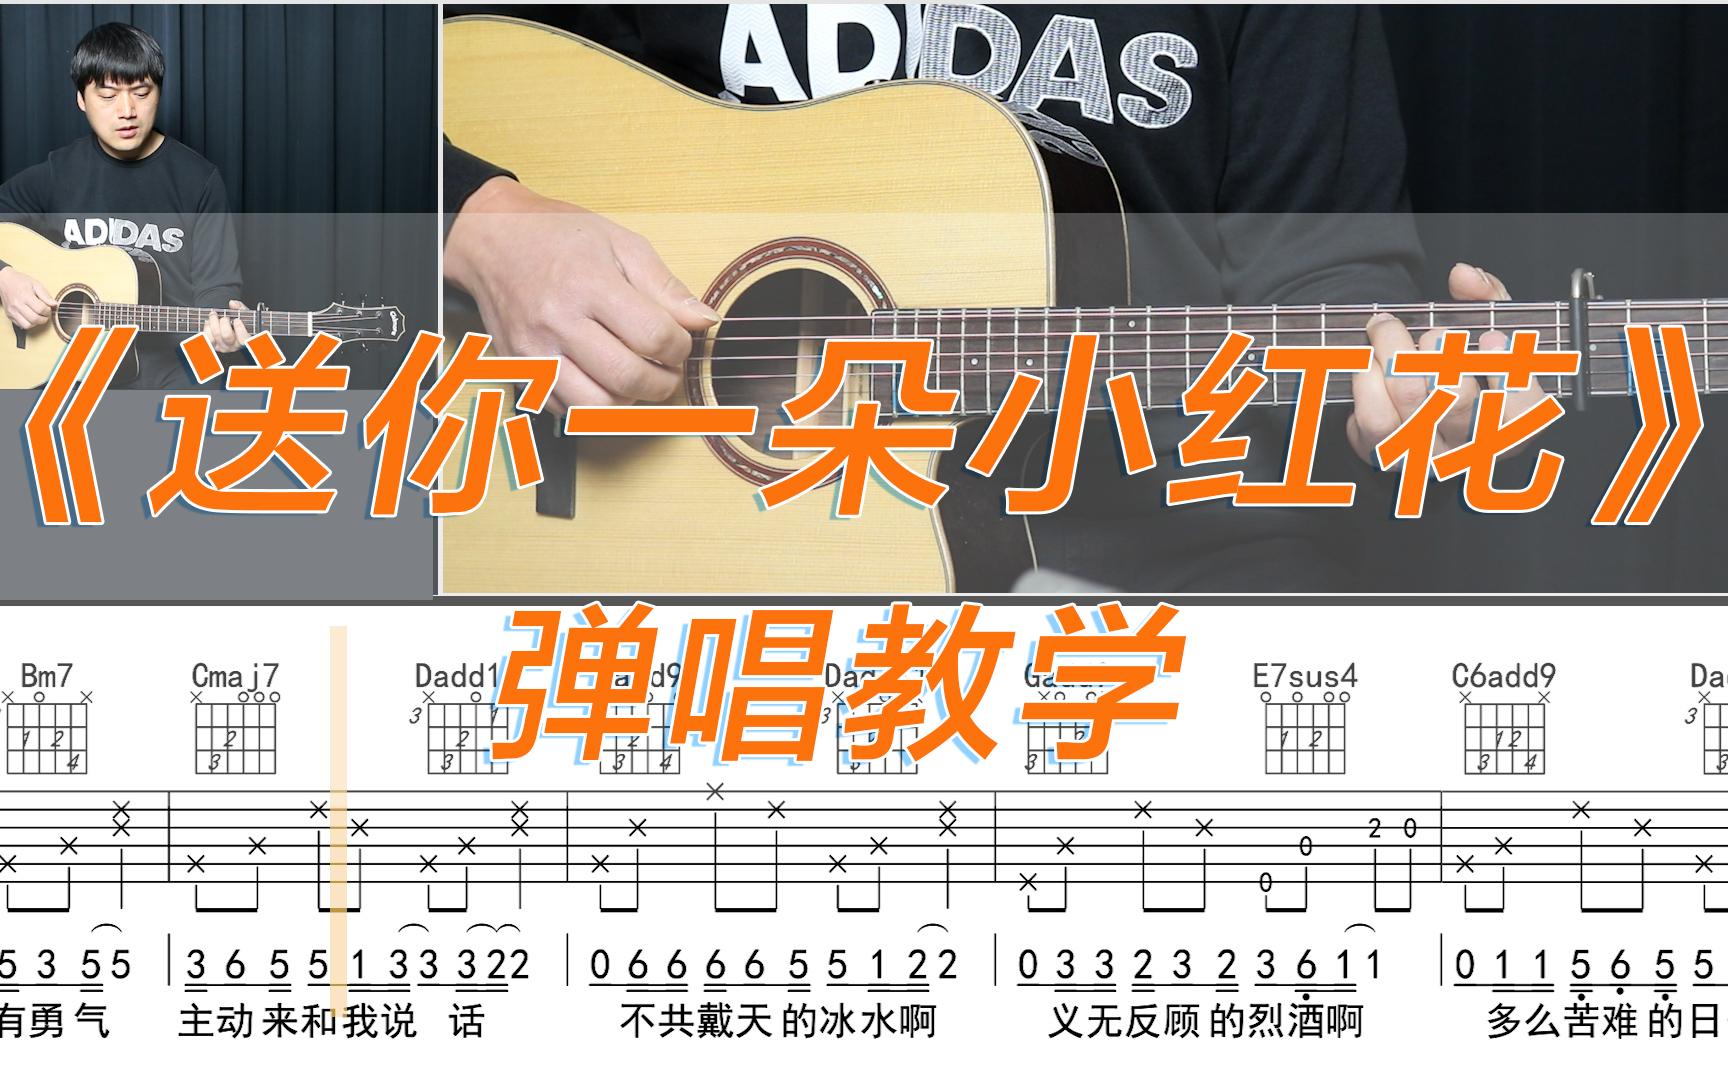 【下集】吉他教学《送你一朵小红花》赵英俊-酷音小伟吉他弹唱教学